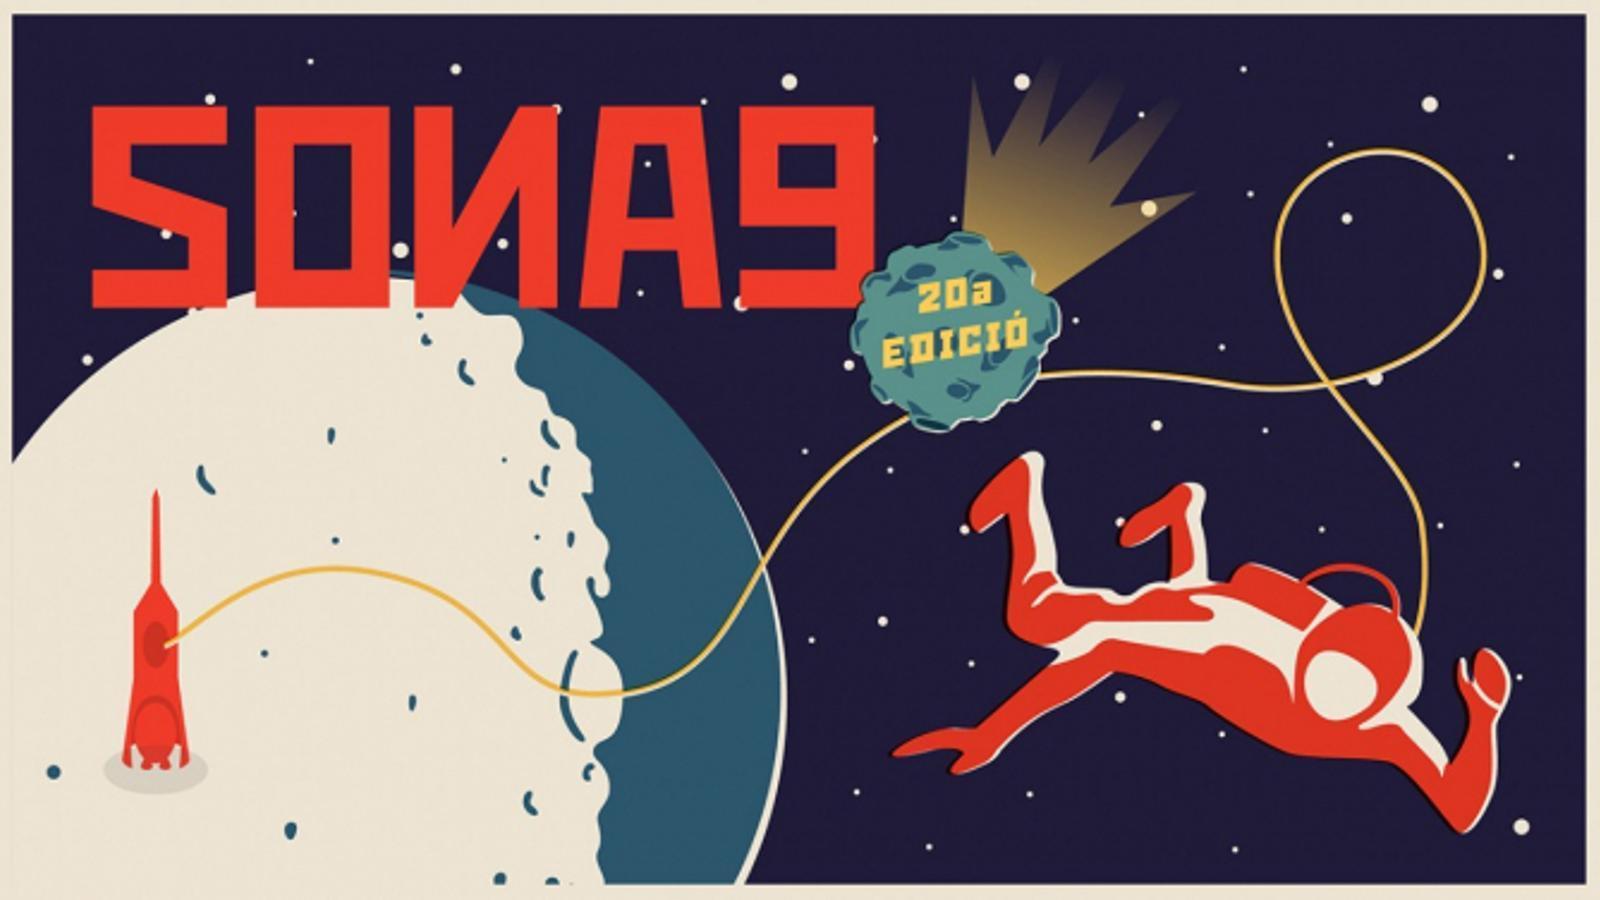 Cartell del Sona9, que compleix vint anys aquesta edició